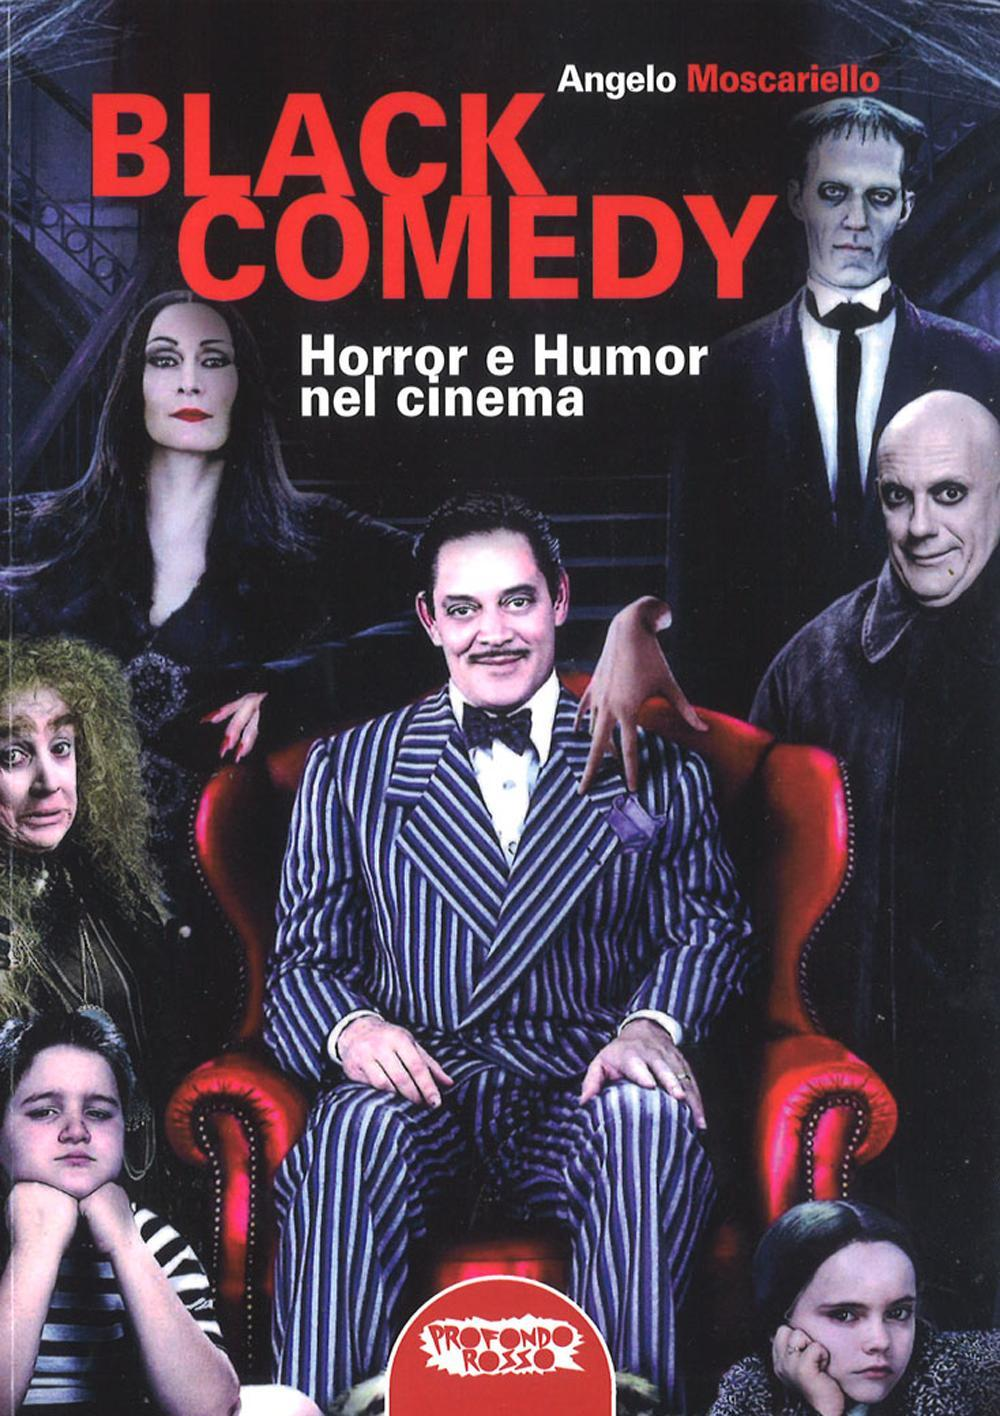 BLACK COMEDY. HORROR E HUMOR NEL CINEMA - 9788898896325